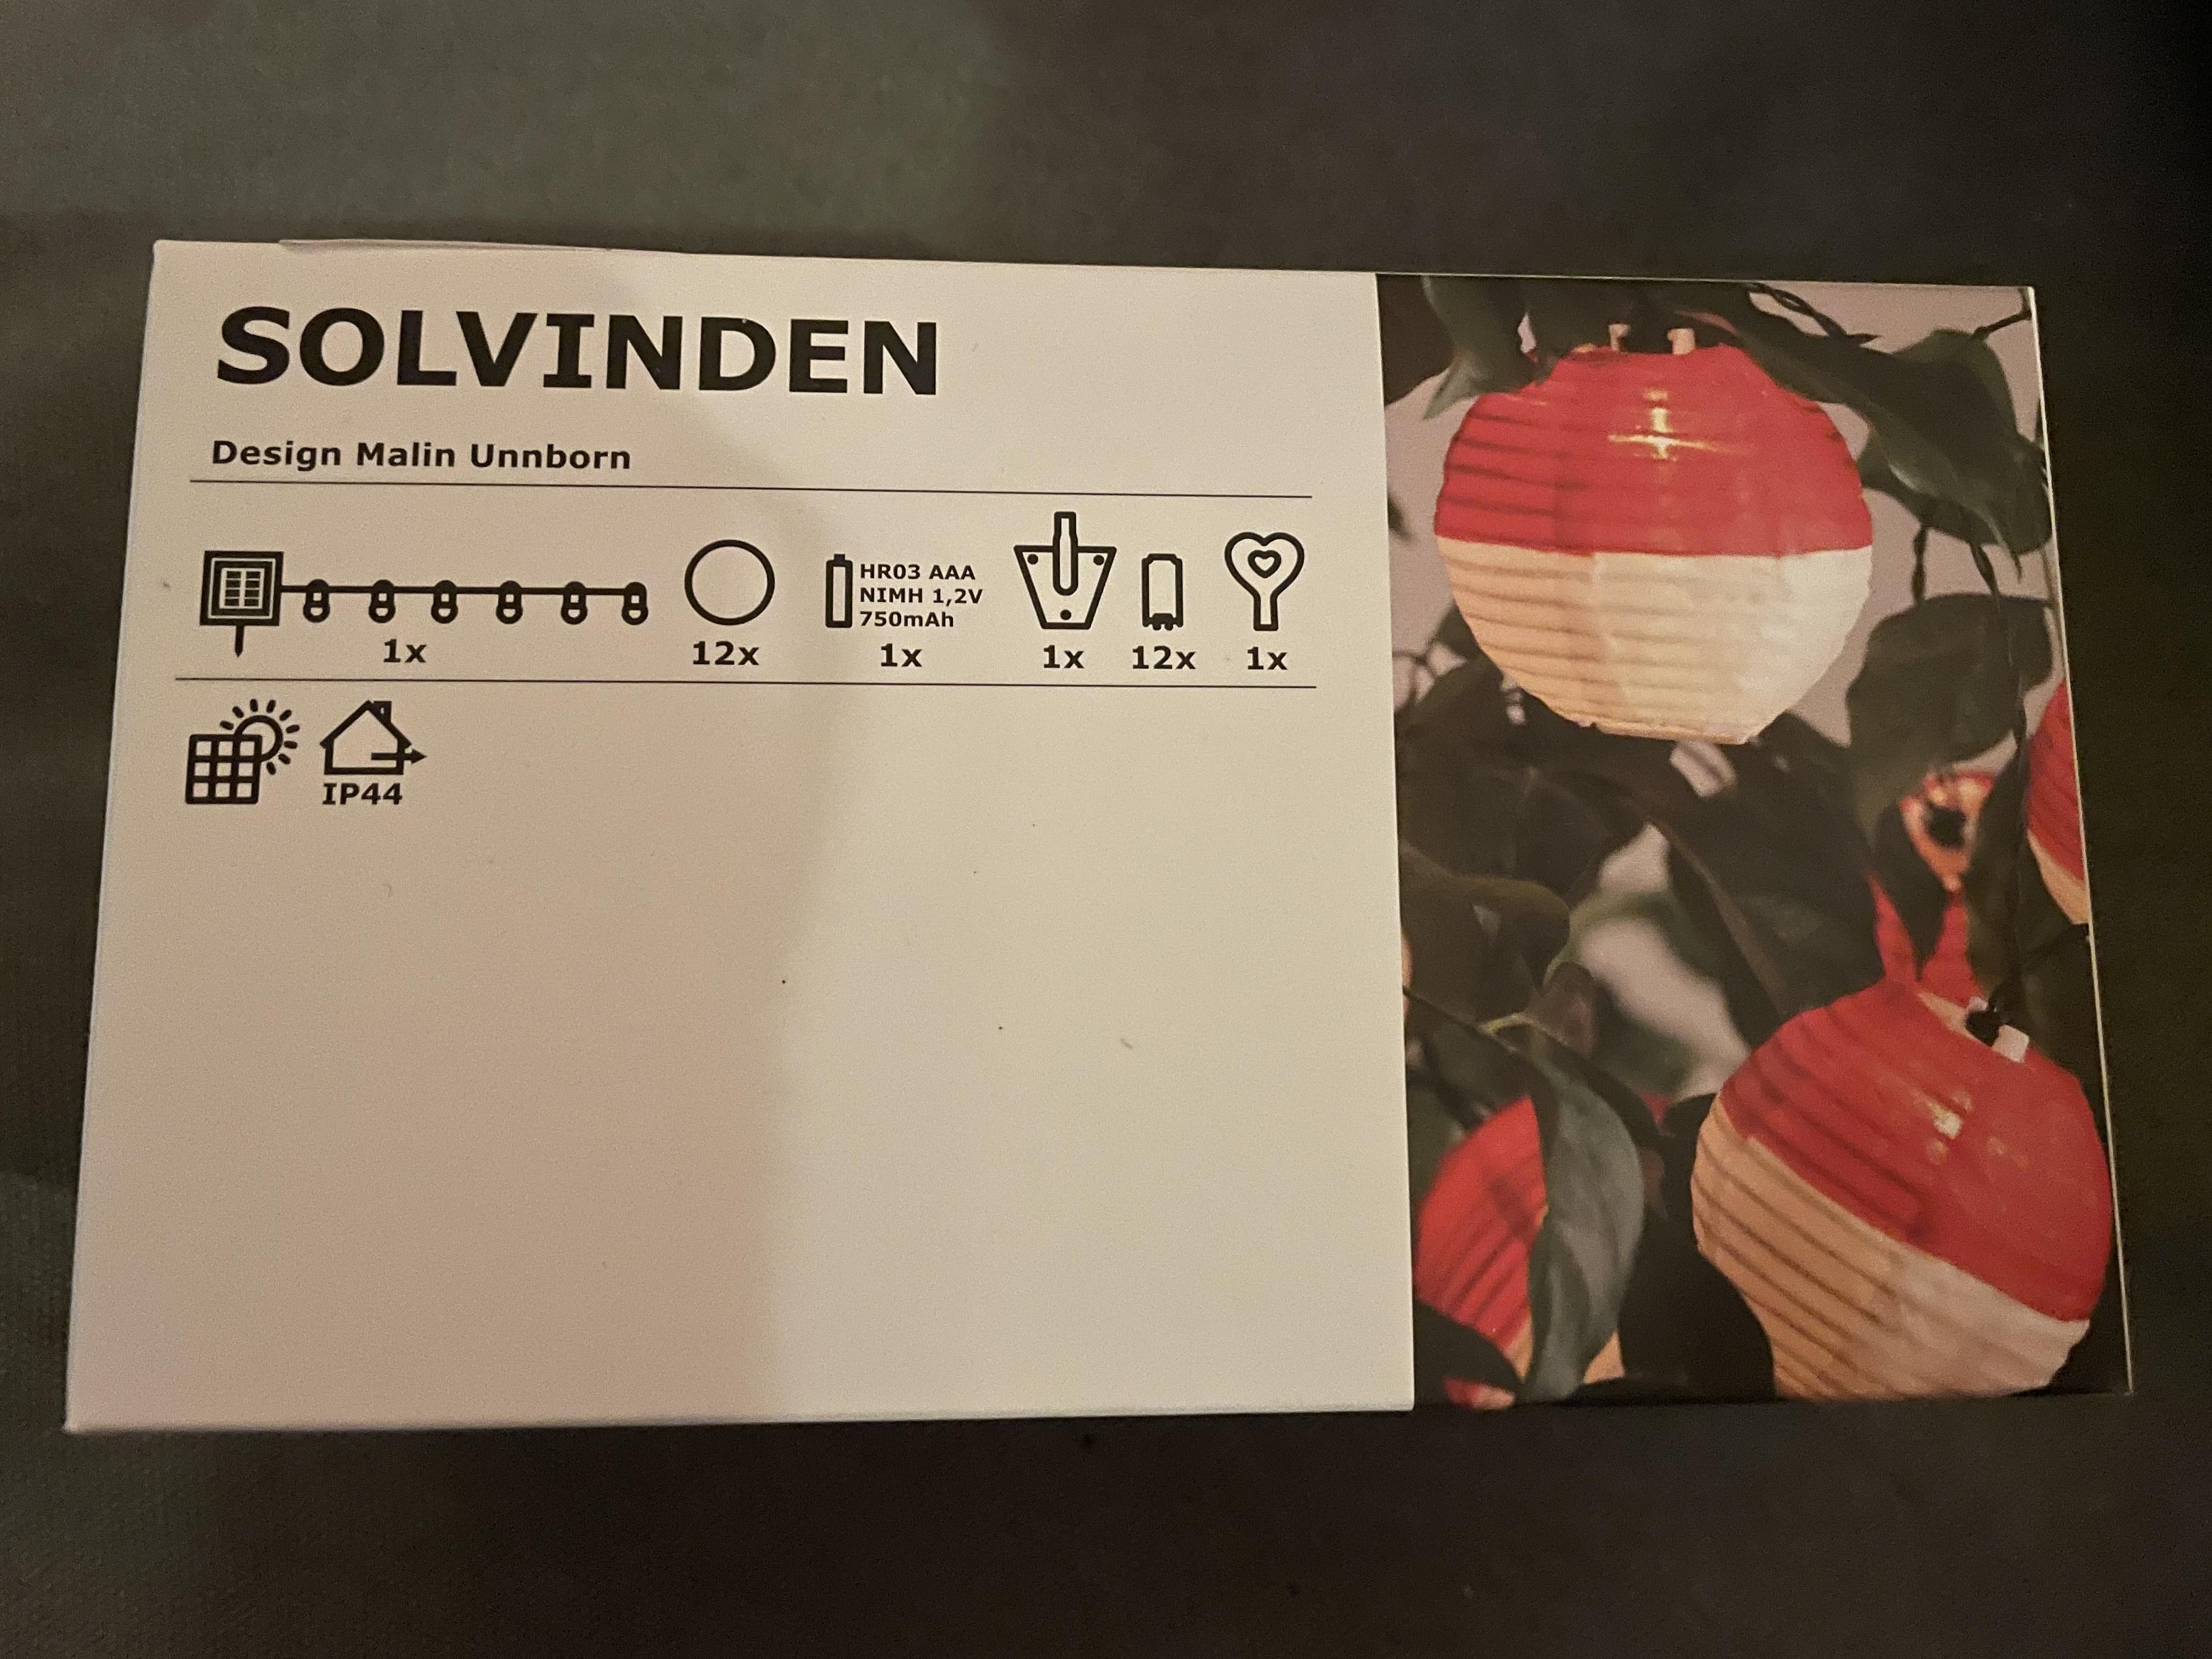 Ikea Solvinden 12 lamps led-verlichtingsnoer wit rood met zonnepaneel @Ikea Duiven